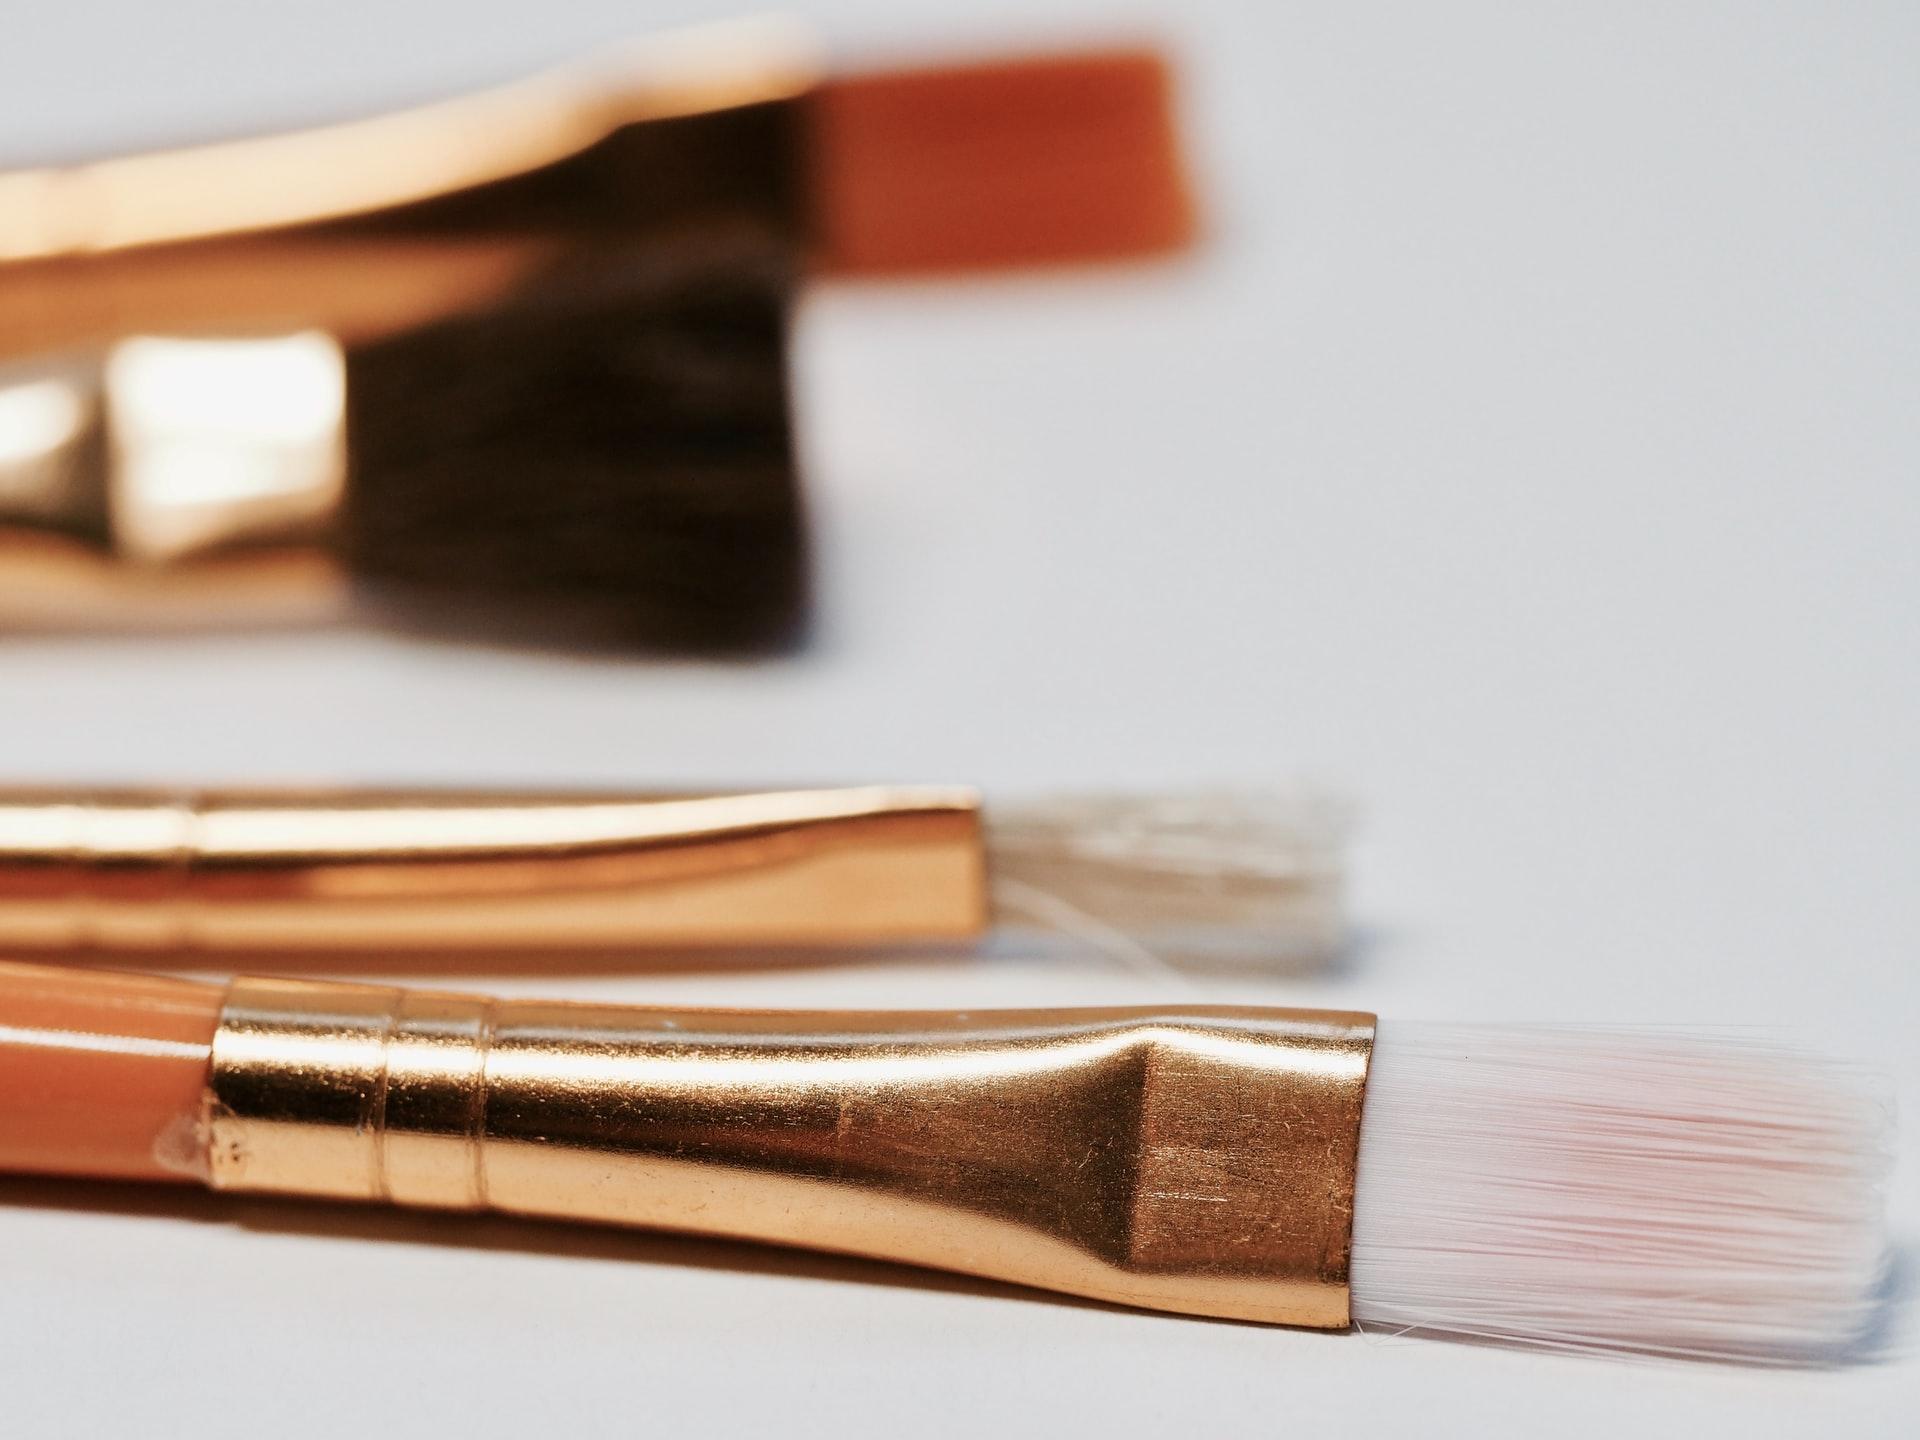 Curso de maquiagem Embelleze